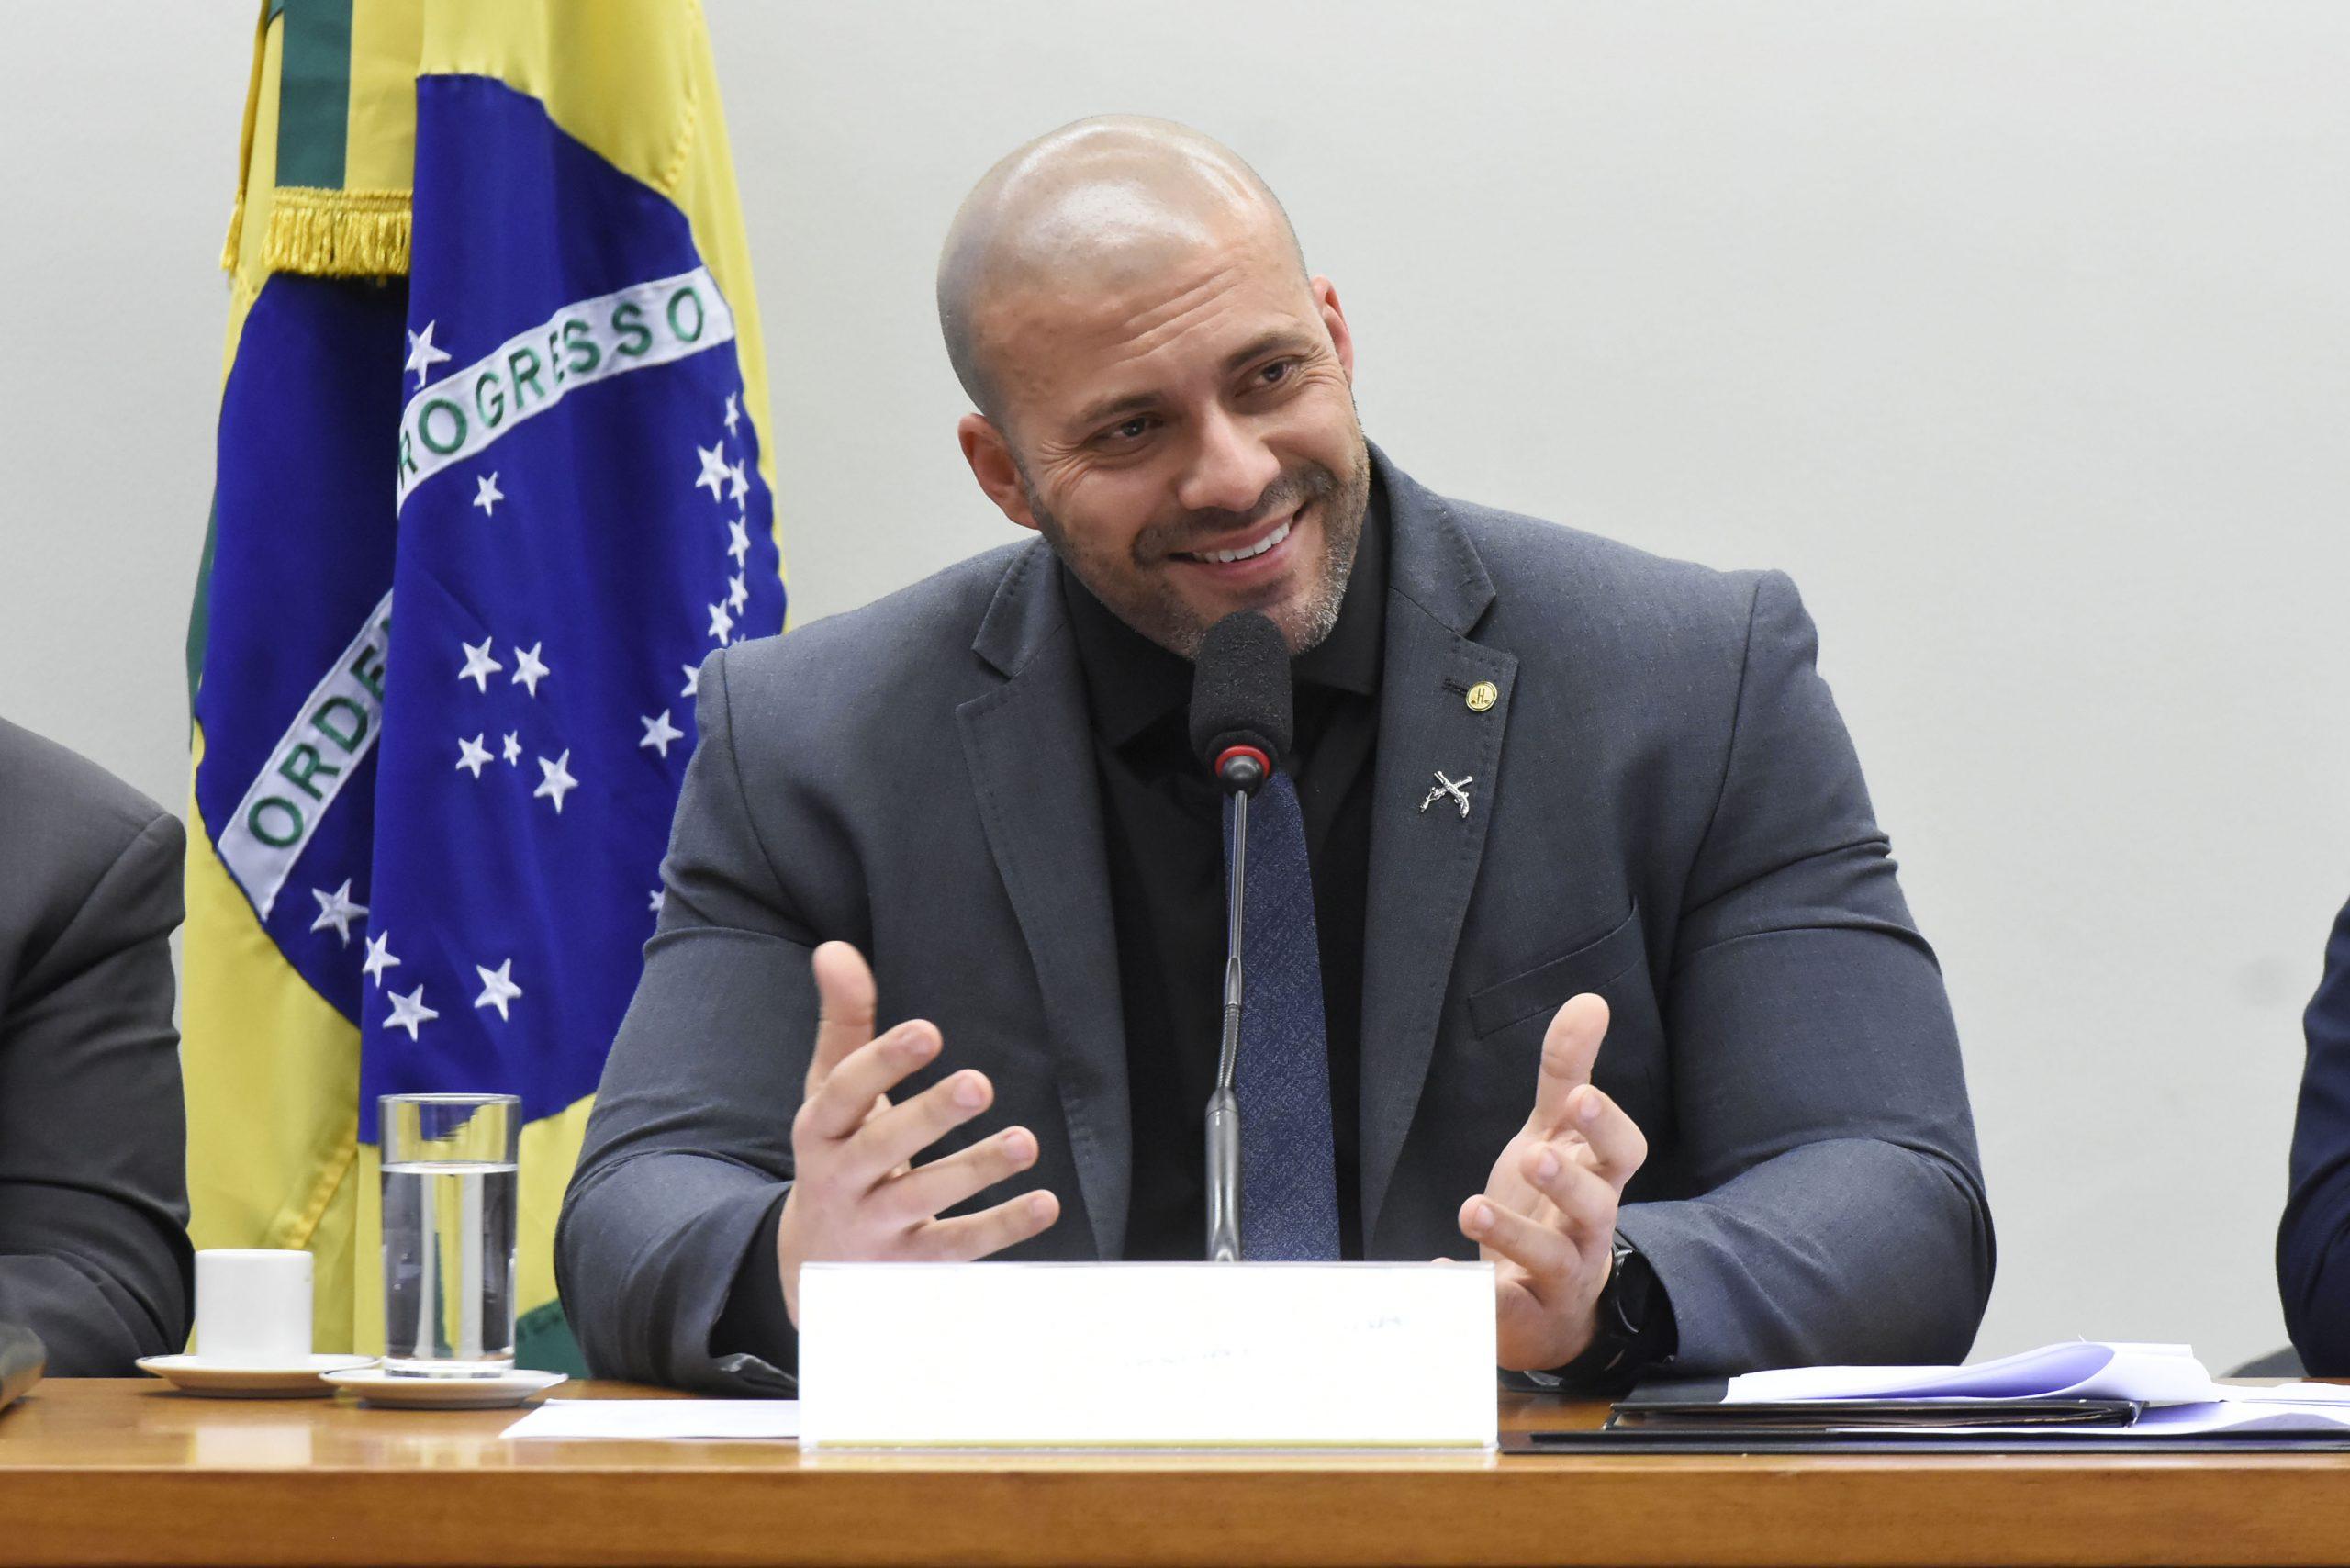 Deputado Daniel Silveira (PSL-RJ). Foto: Reila Maria/Câmara dos Deputados